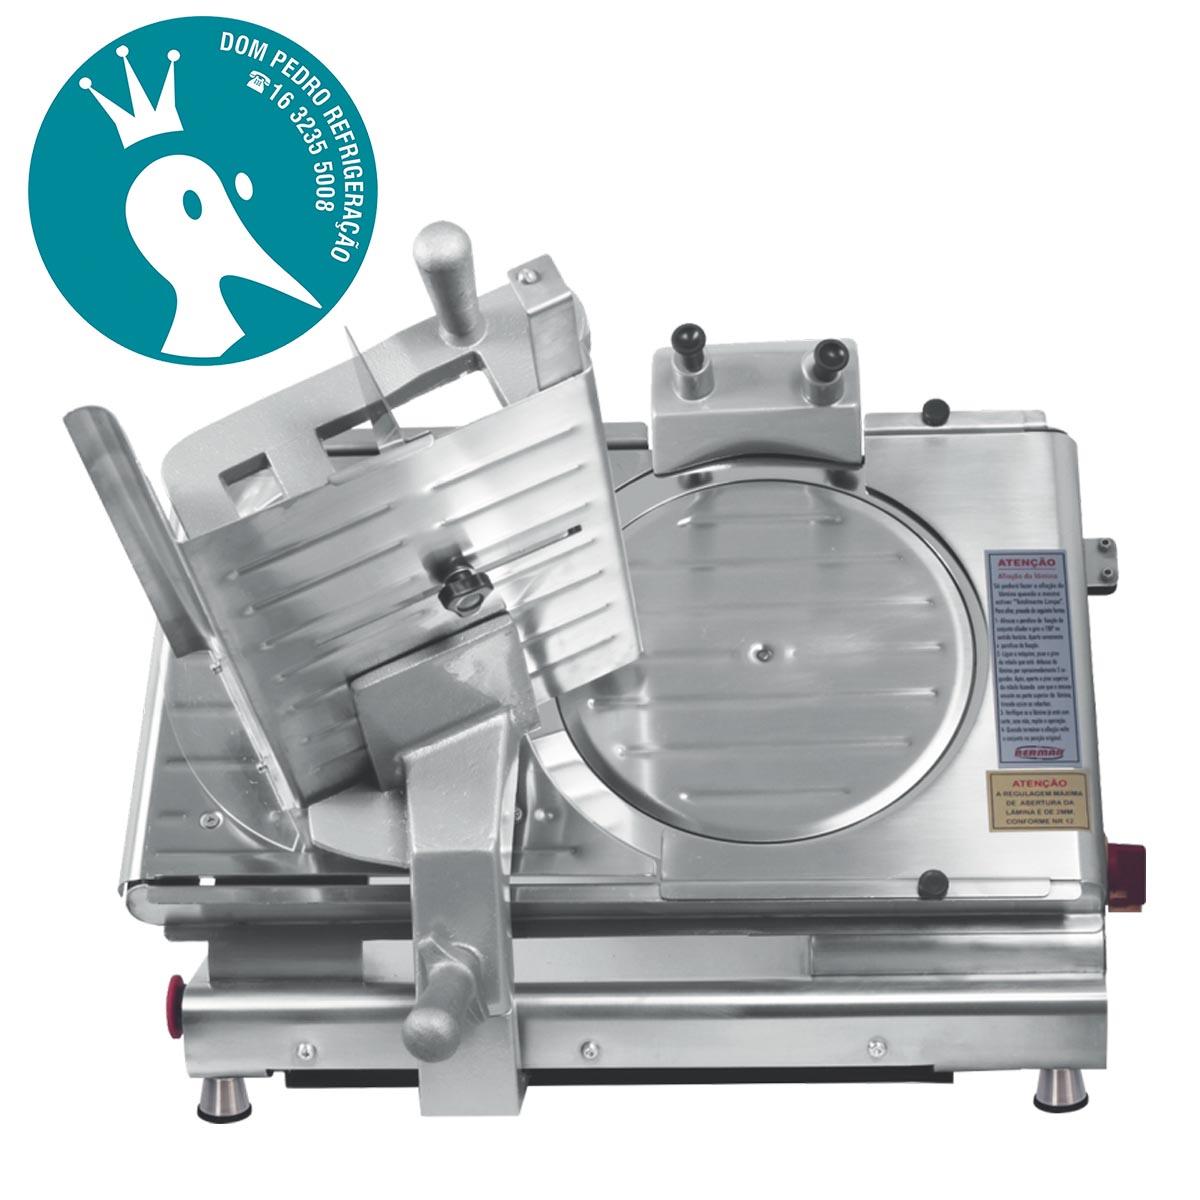 Cortador Fatiador de Frios BM-19 NR-12 SemiAutomático Inox 300 mm Bermar